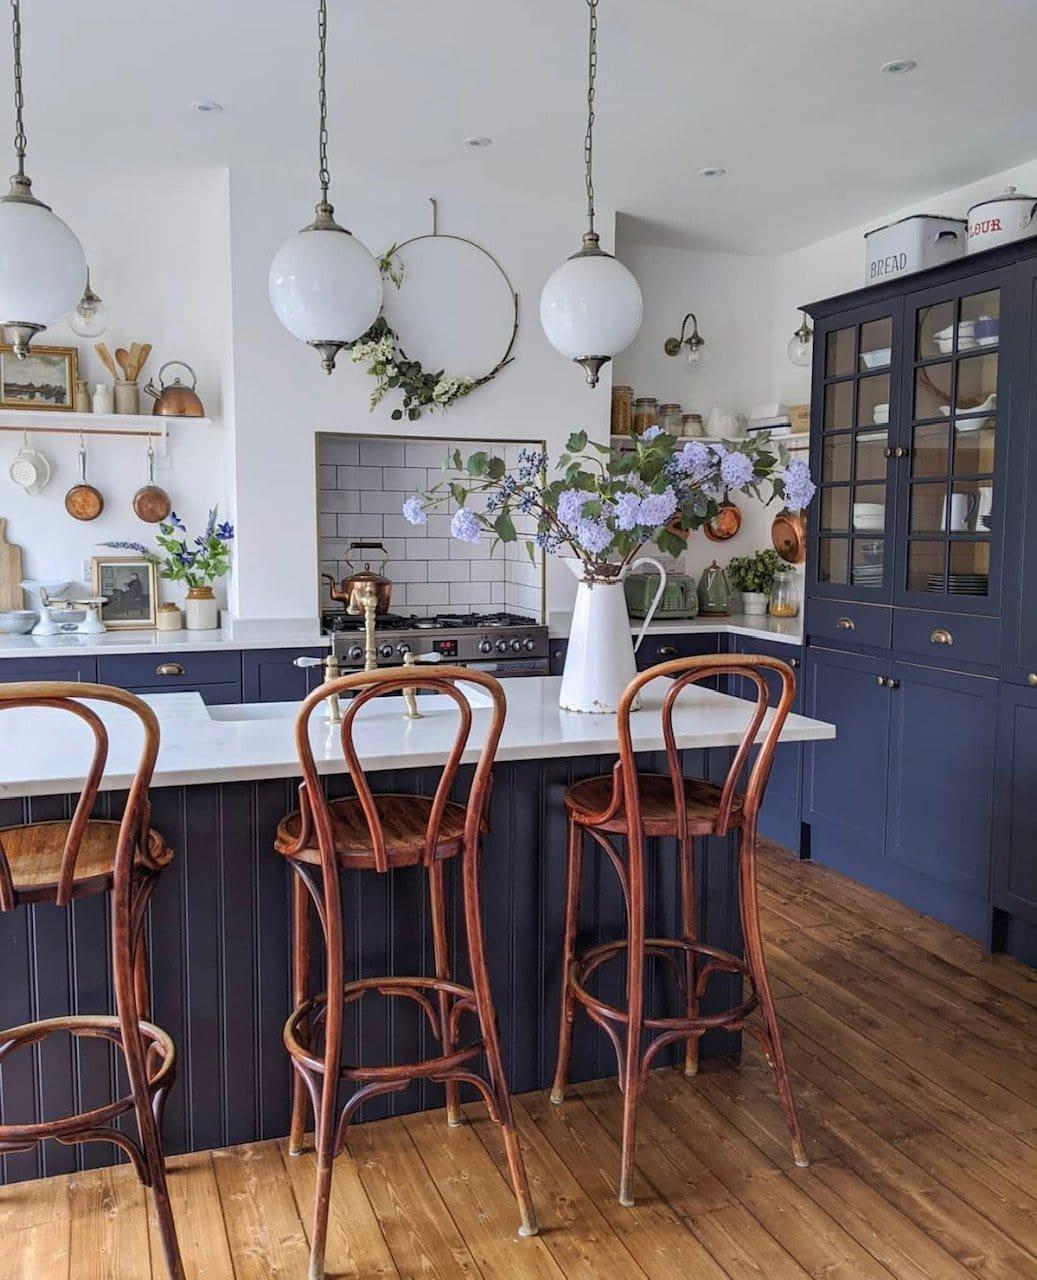 kitchen, kitchen island, kitchen inspiration, kitchen details, kitchen ideas, renovation, renovations, kitchen project, renovation project, kitchen renovation, house renovations